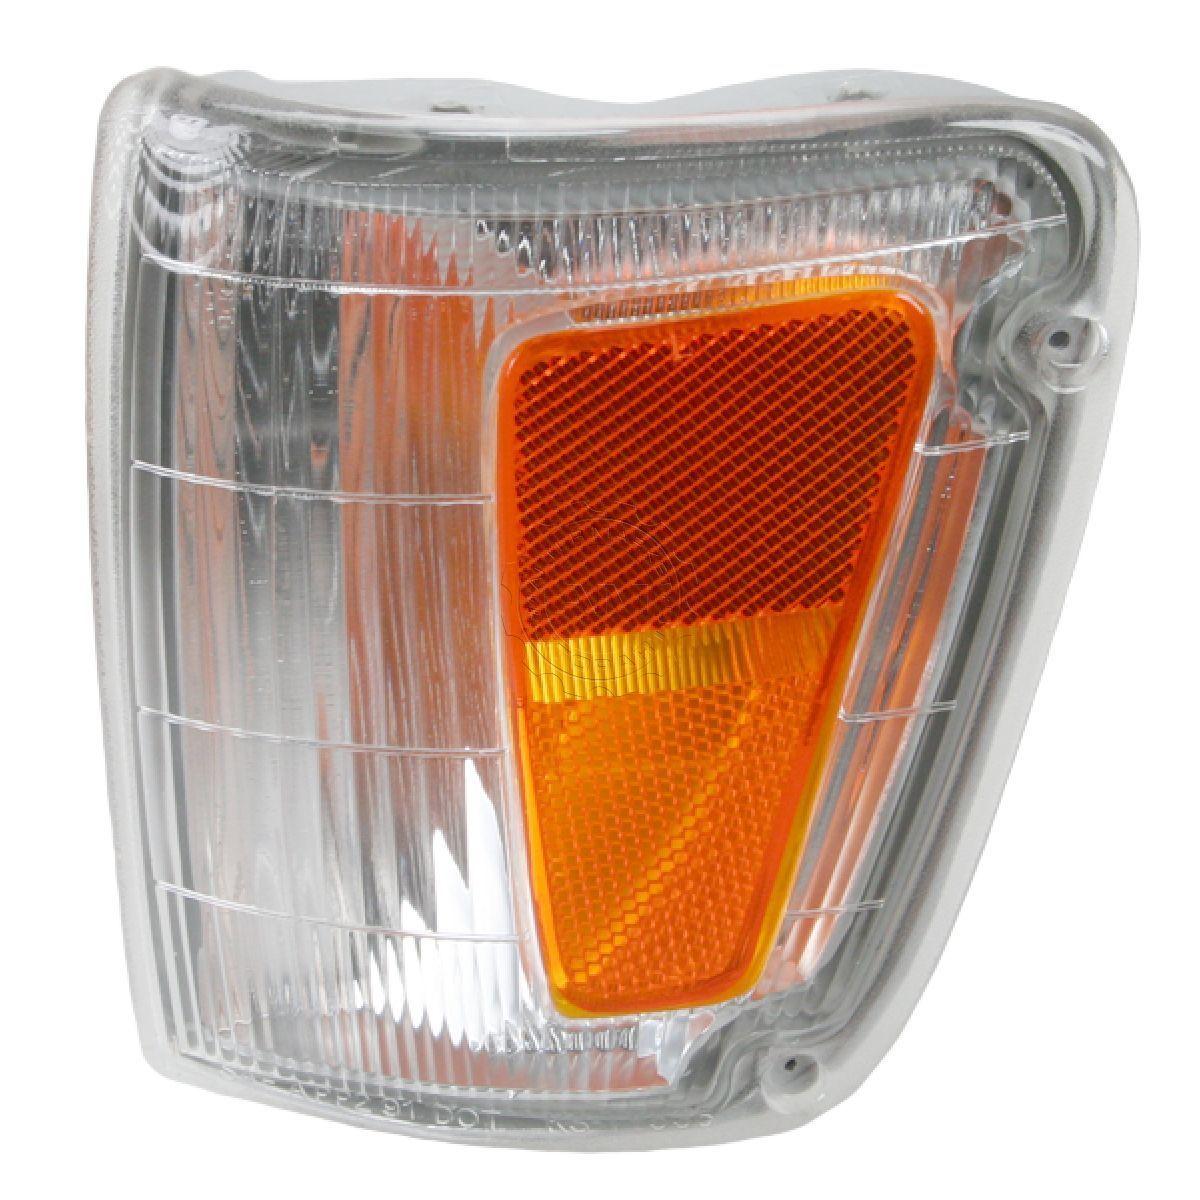 コーナーライト Side Marker Parking Light Left for Toyota T100 93 94-98 トヨタT100 93 94-98のために残っているサイドマーカーパーキングライト